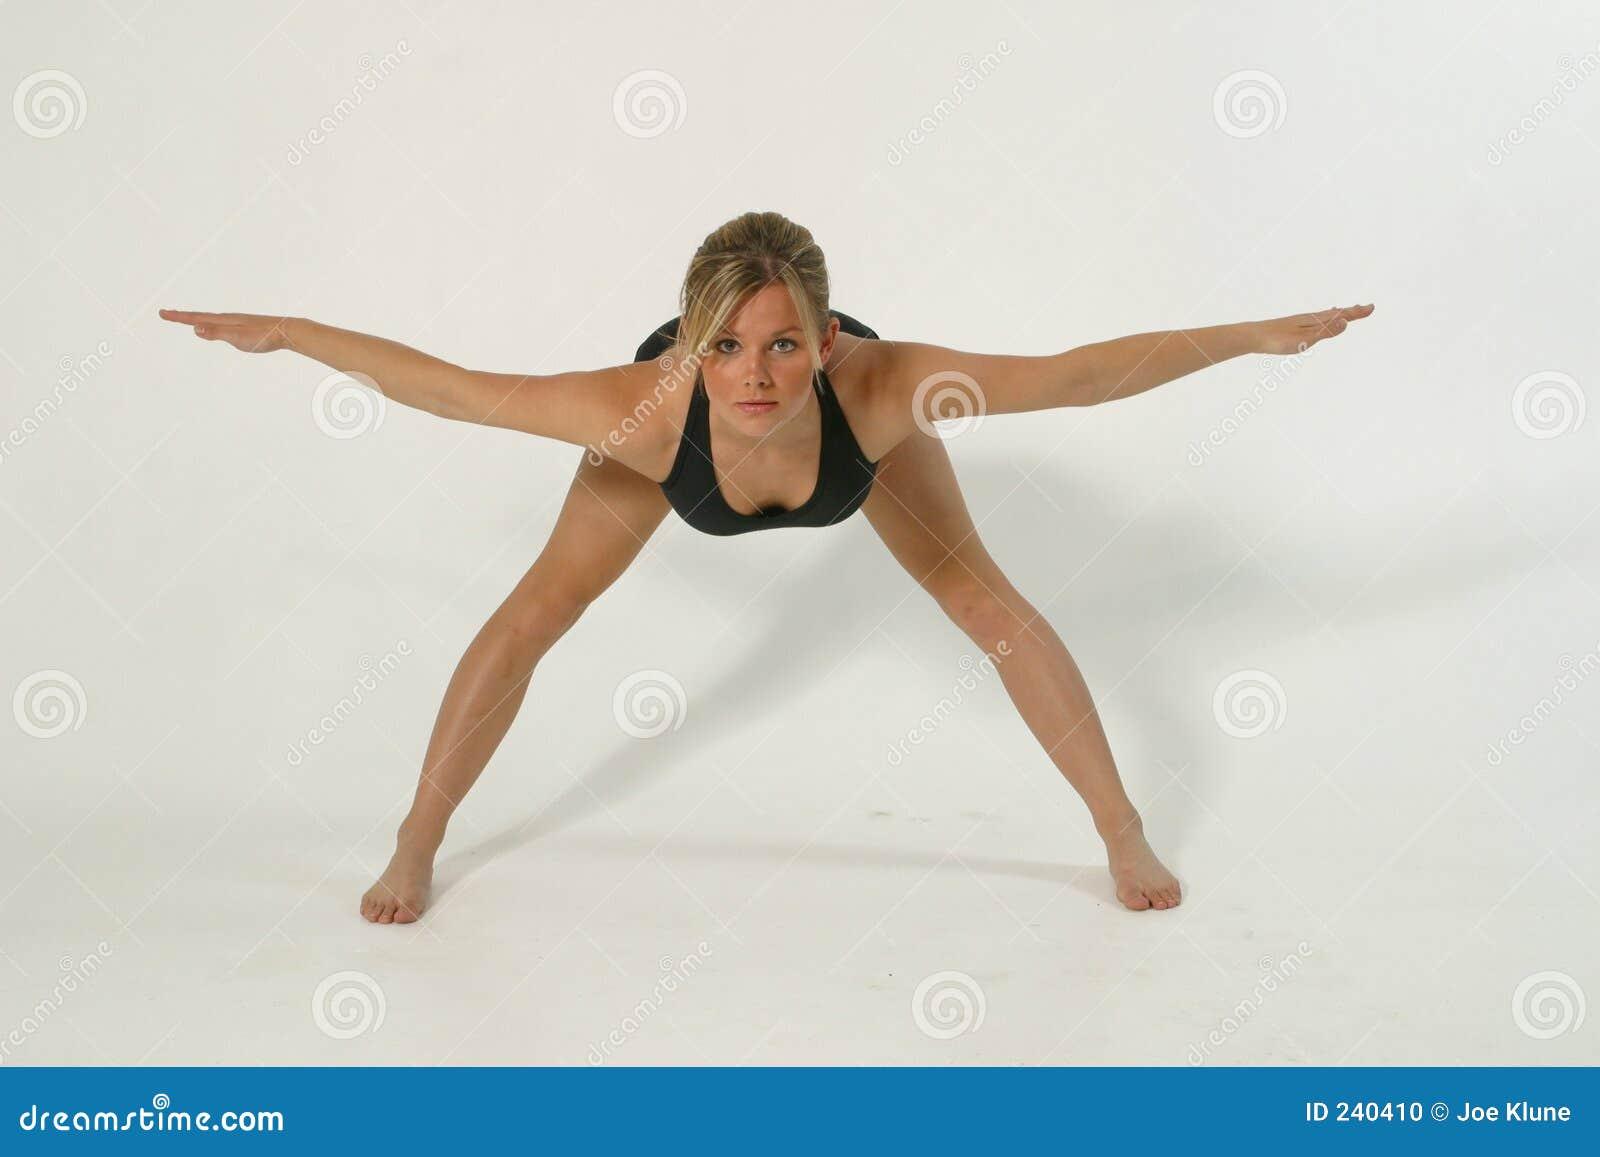 Forme physique 1-1h modèle.